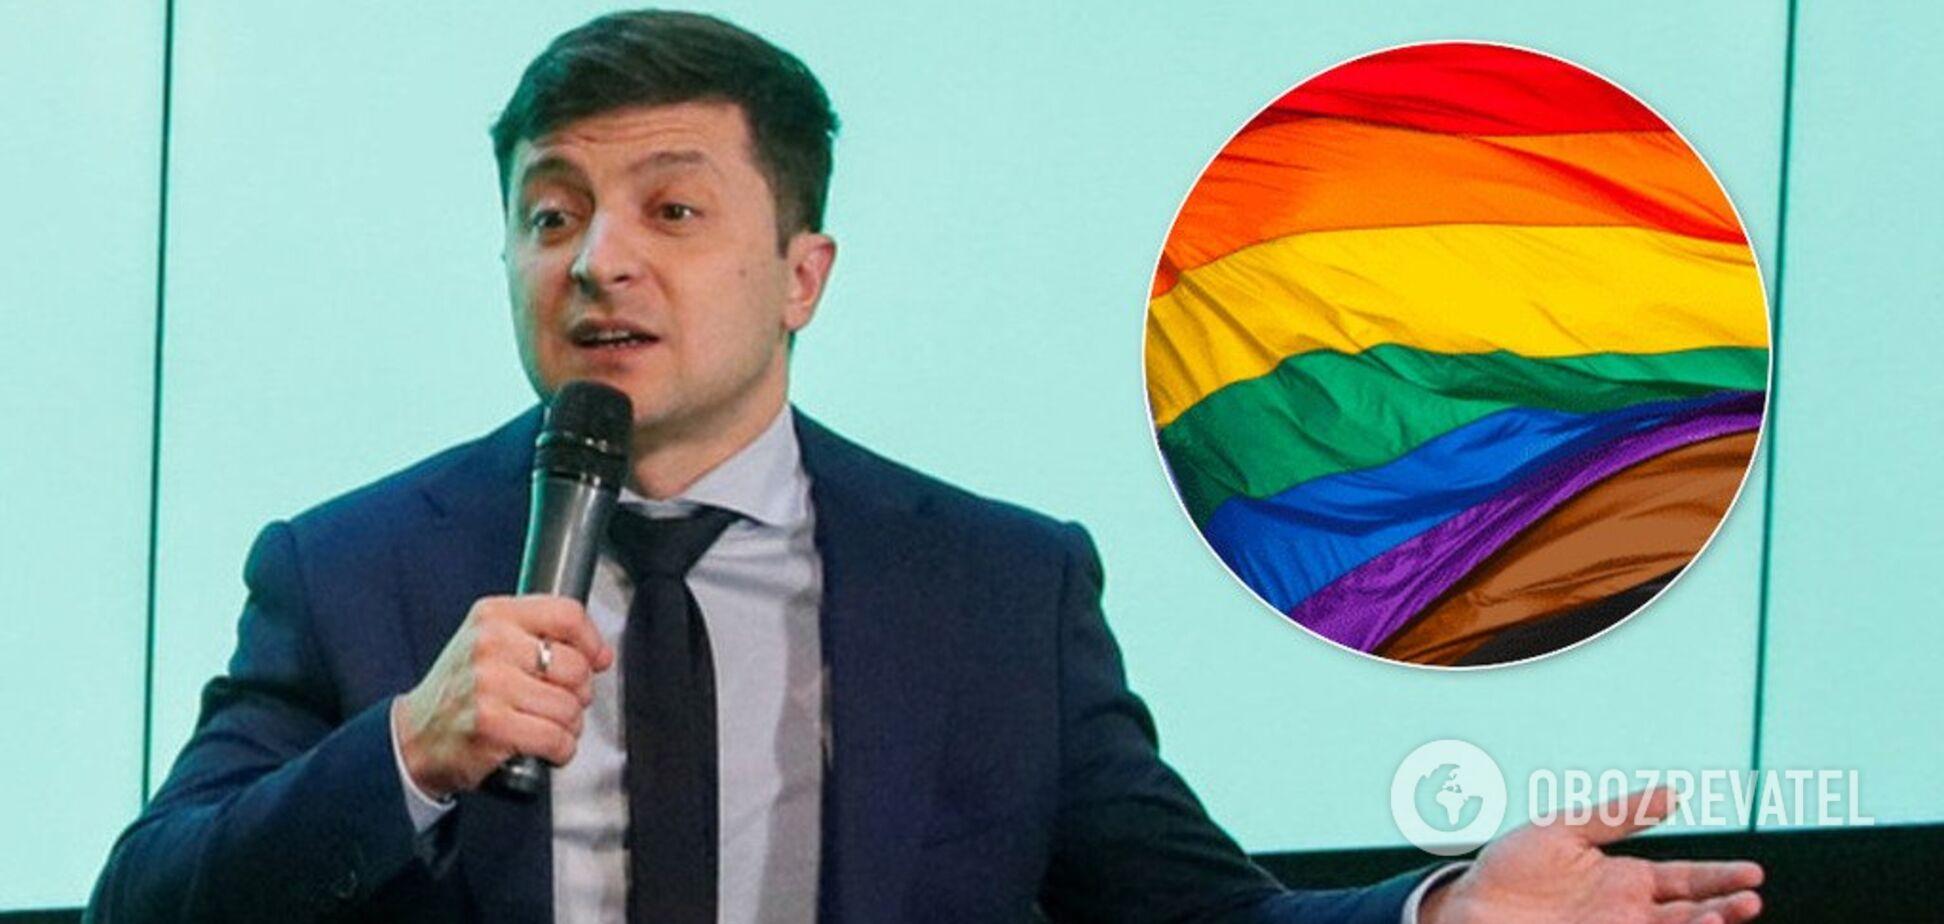 Зеленского пригласили на ЛГБТ-марш в Киеве